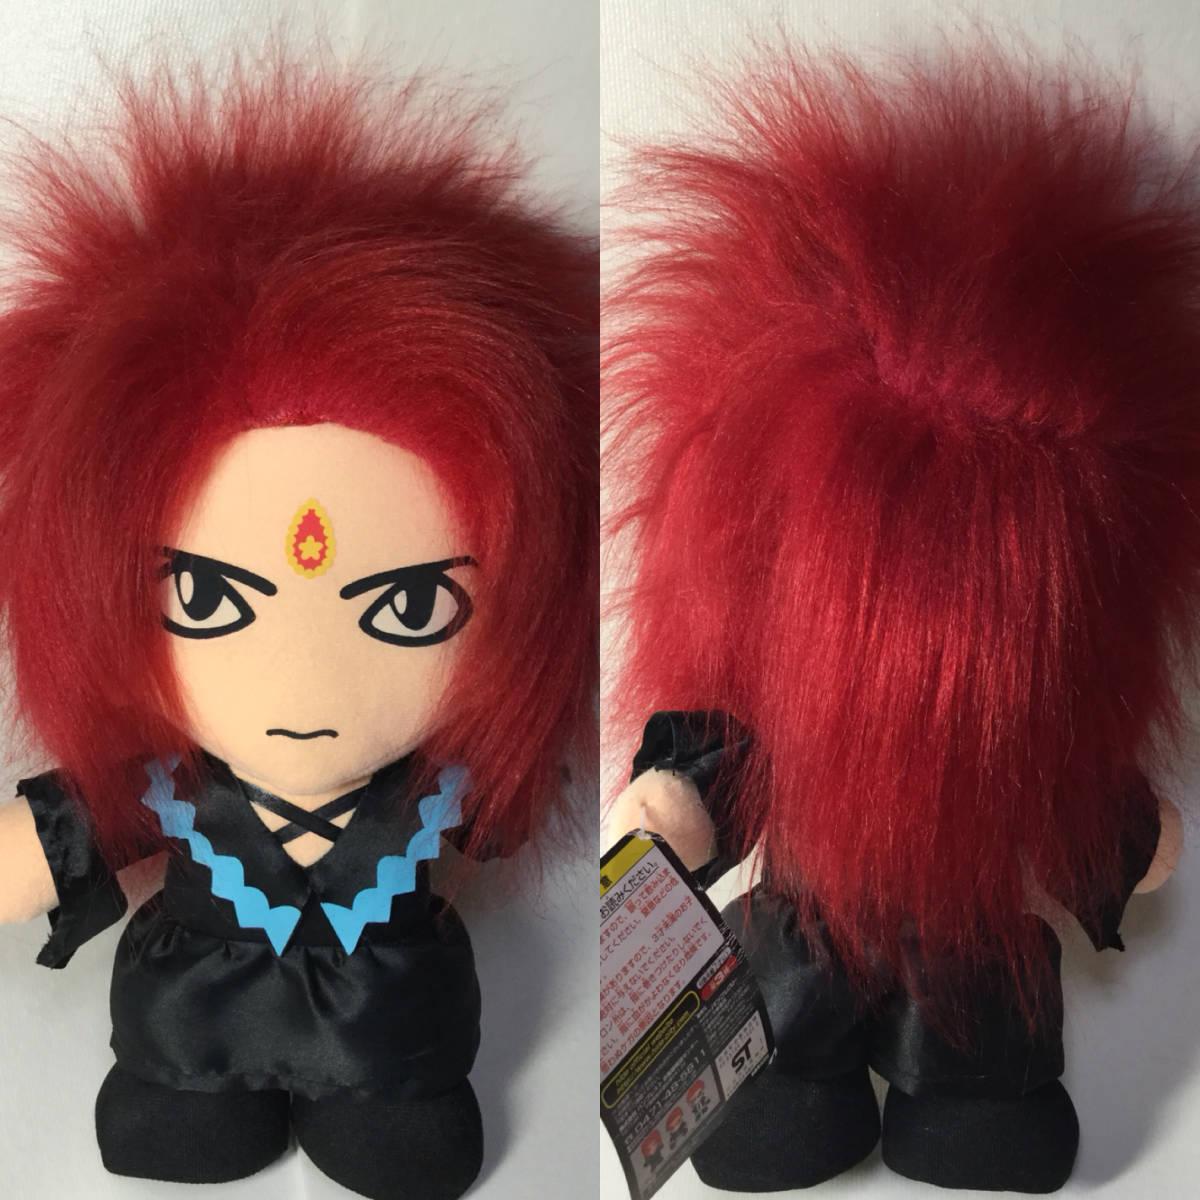 hide Yoshikiも持ってる DX ぬいぐるみ 特殊ブラック染め加工 参考( X JAPAN 人形 ギター イエローハート ライブ イベント メモリアル DVD_画像2